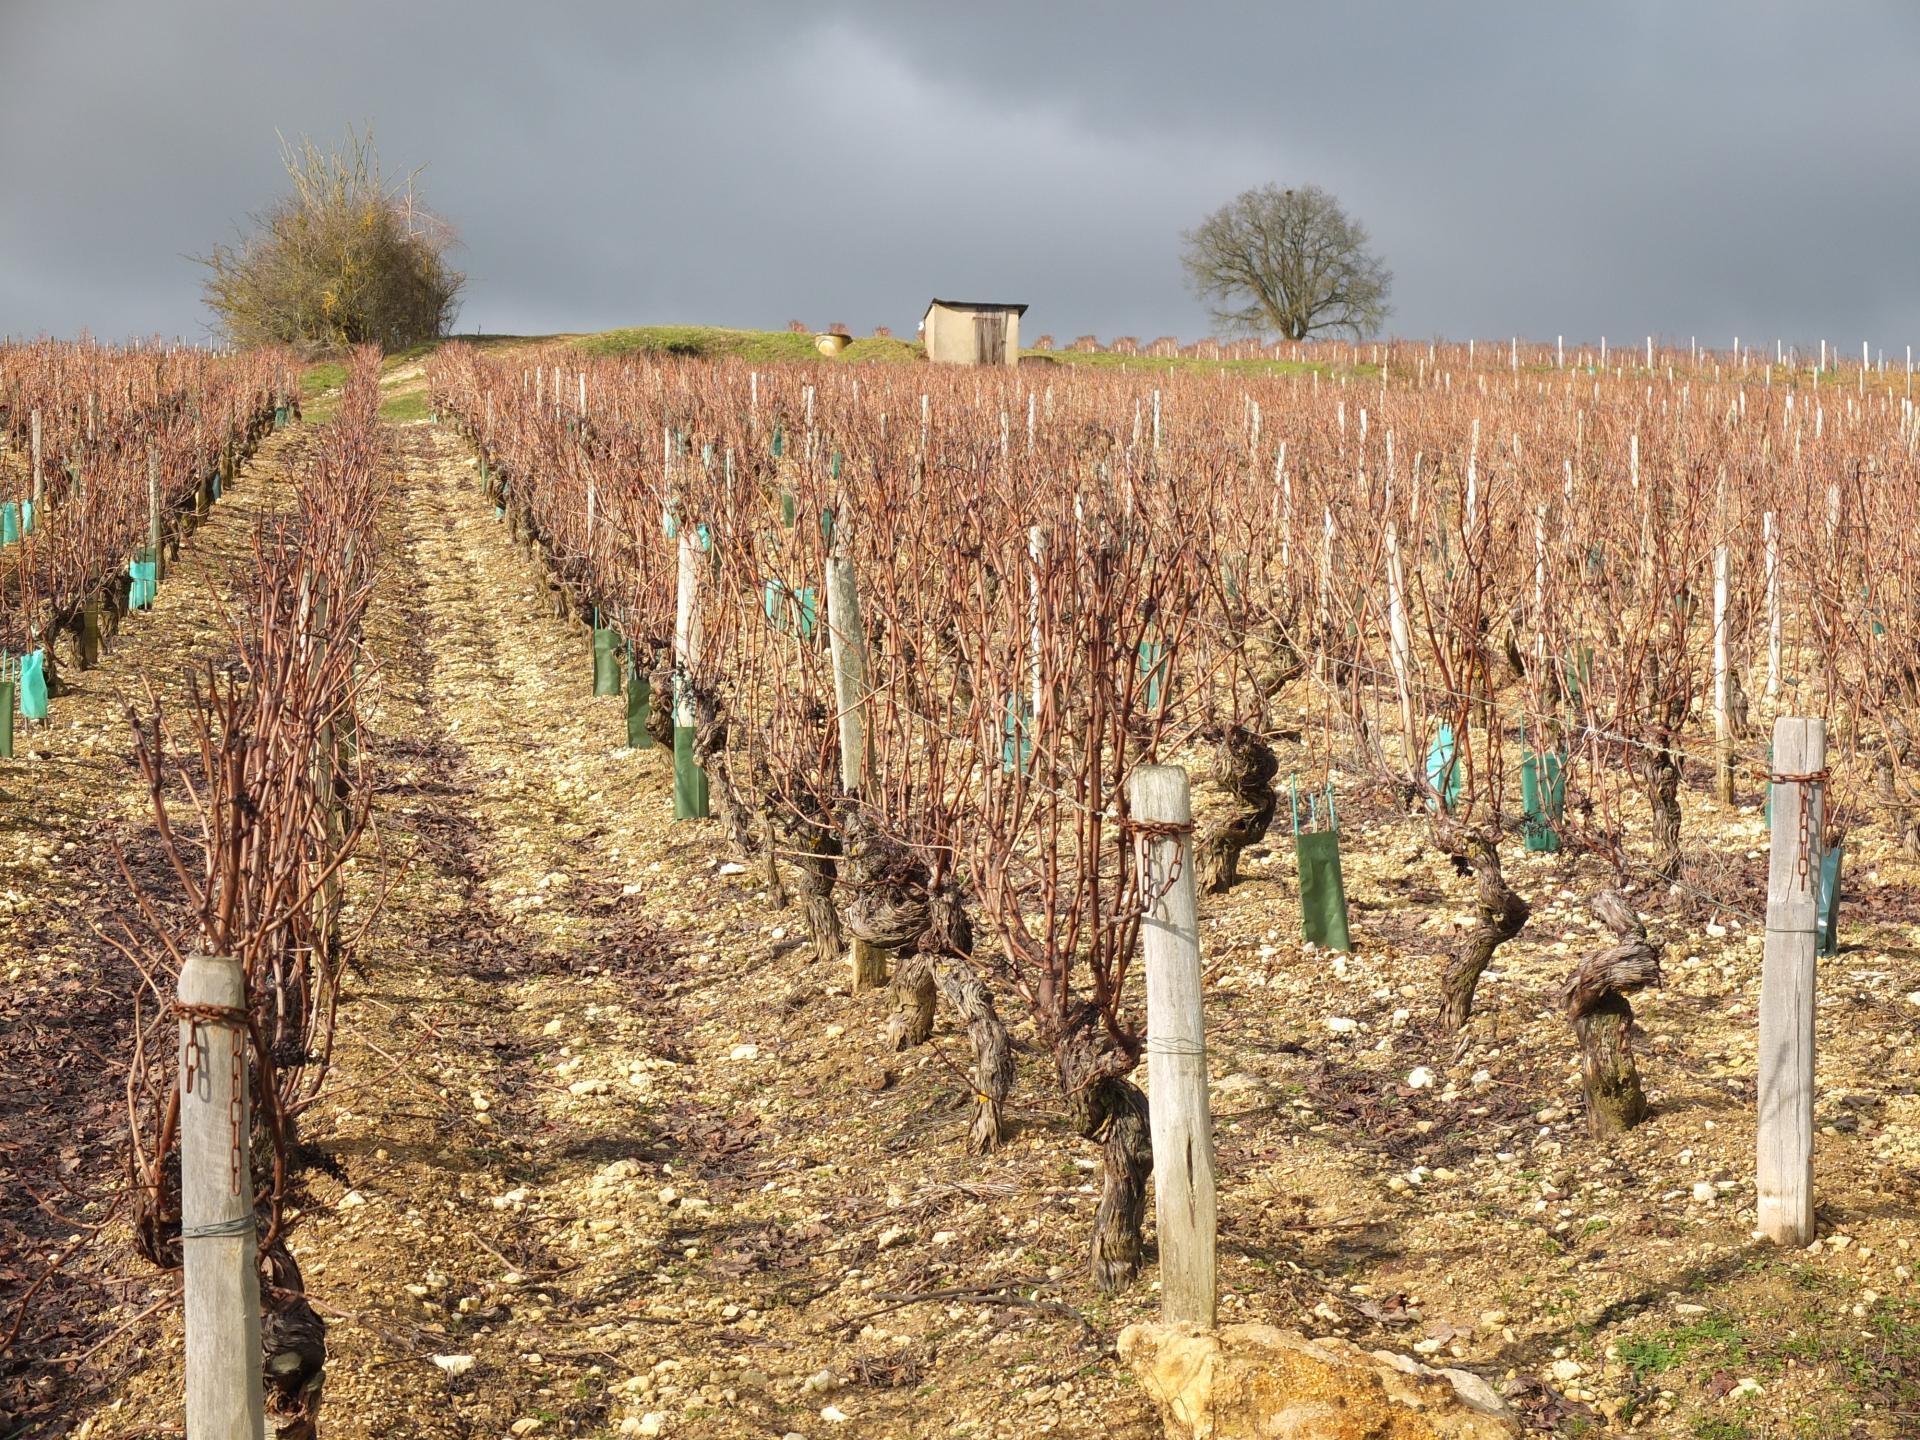 Nous aurons du vin doré comme les vignes